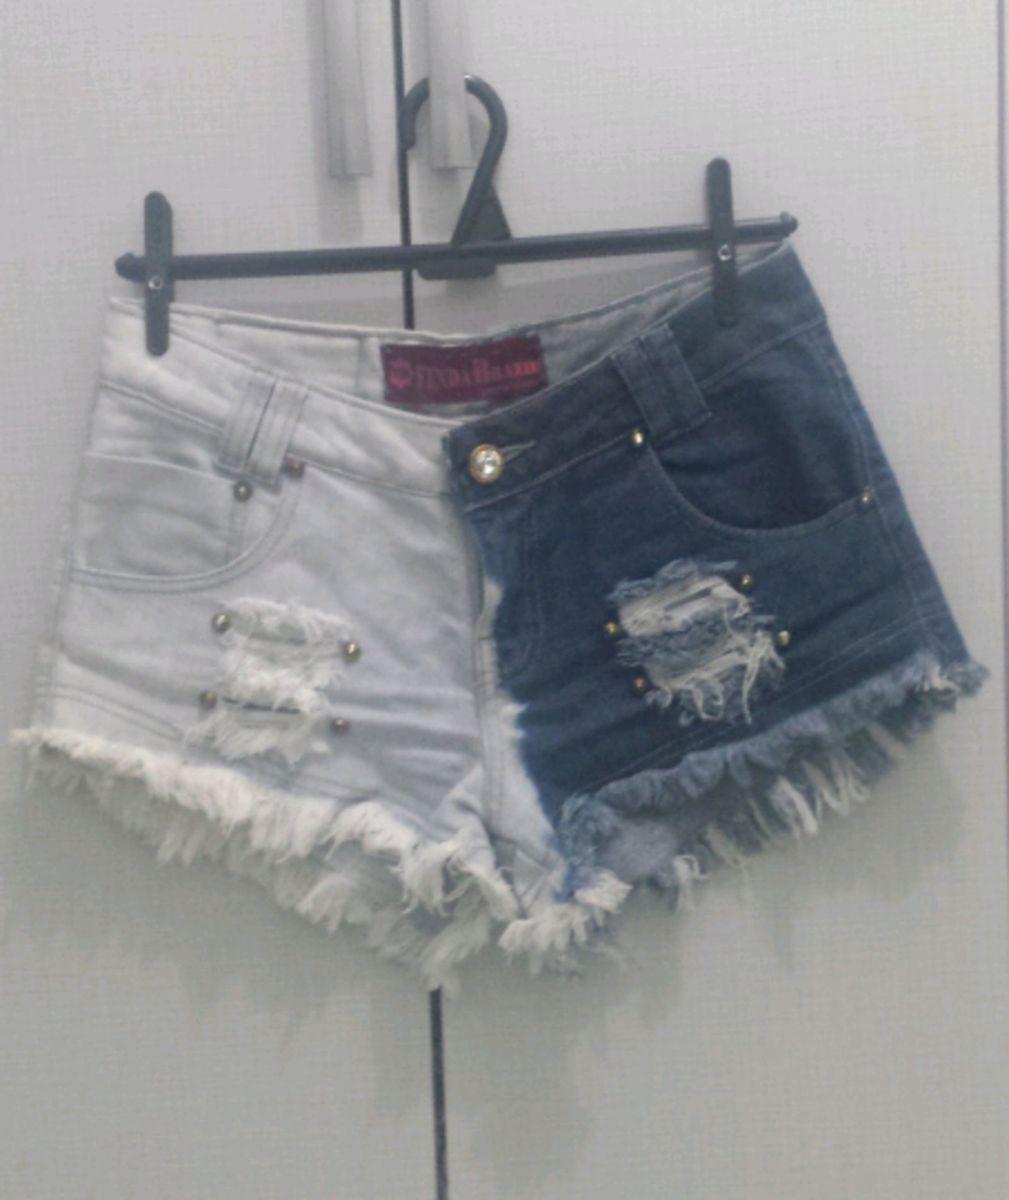 short jeans - short fenda-brazil-jeans-wear.  Czm6ly9wag90b3muzw5qb2vplmnvbs5ici9wcm9kdwn0cy80odk0mzmylzm0mtizzge2ogu1mte4nwzlnjcxmzjlnmzindewmgy2lmpwzw  ... 0c9dc3f9c55